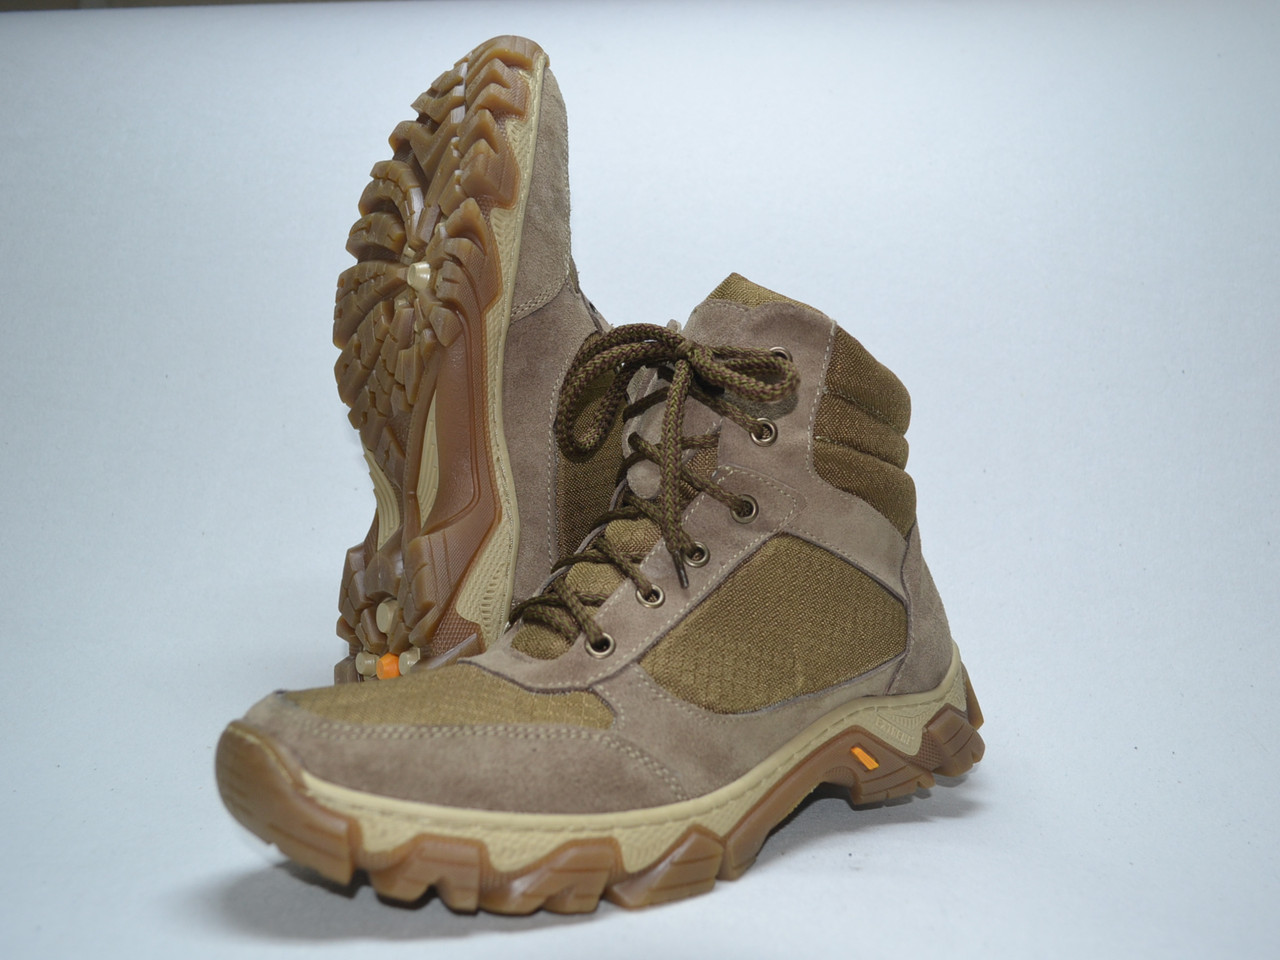 Тактические ботинки из натуральной кожи РА - Рейджер БЕЖ